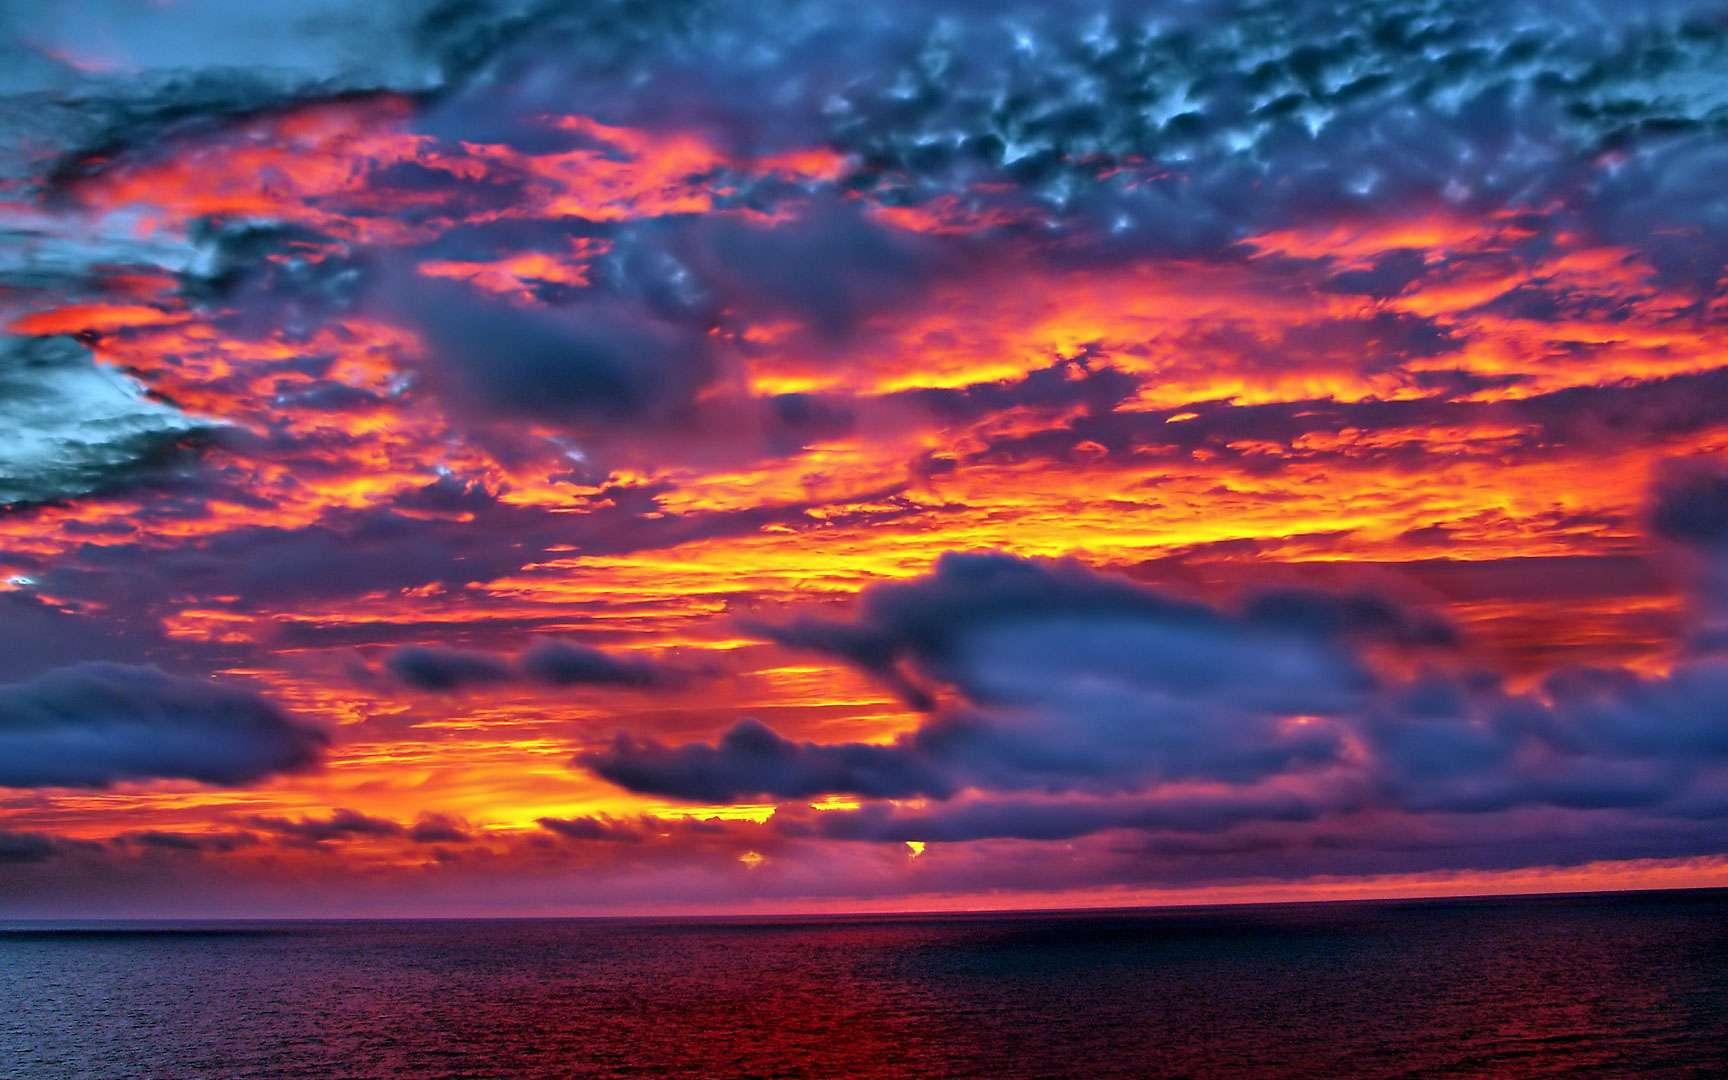 Lever de Soleil. 21 Novembre 2004 Antibes Appareil photo numérique Sony DSC-P8 f = 6-18mm / 1:2.8 - 5.2 ©Copyright - Jean-Claude BEAUMIER. Tous droits réservés. contacter l'auteur : jean-claude.beaumier@wanadoo.fr